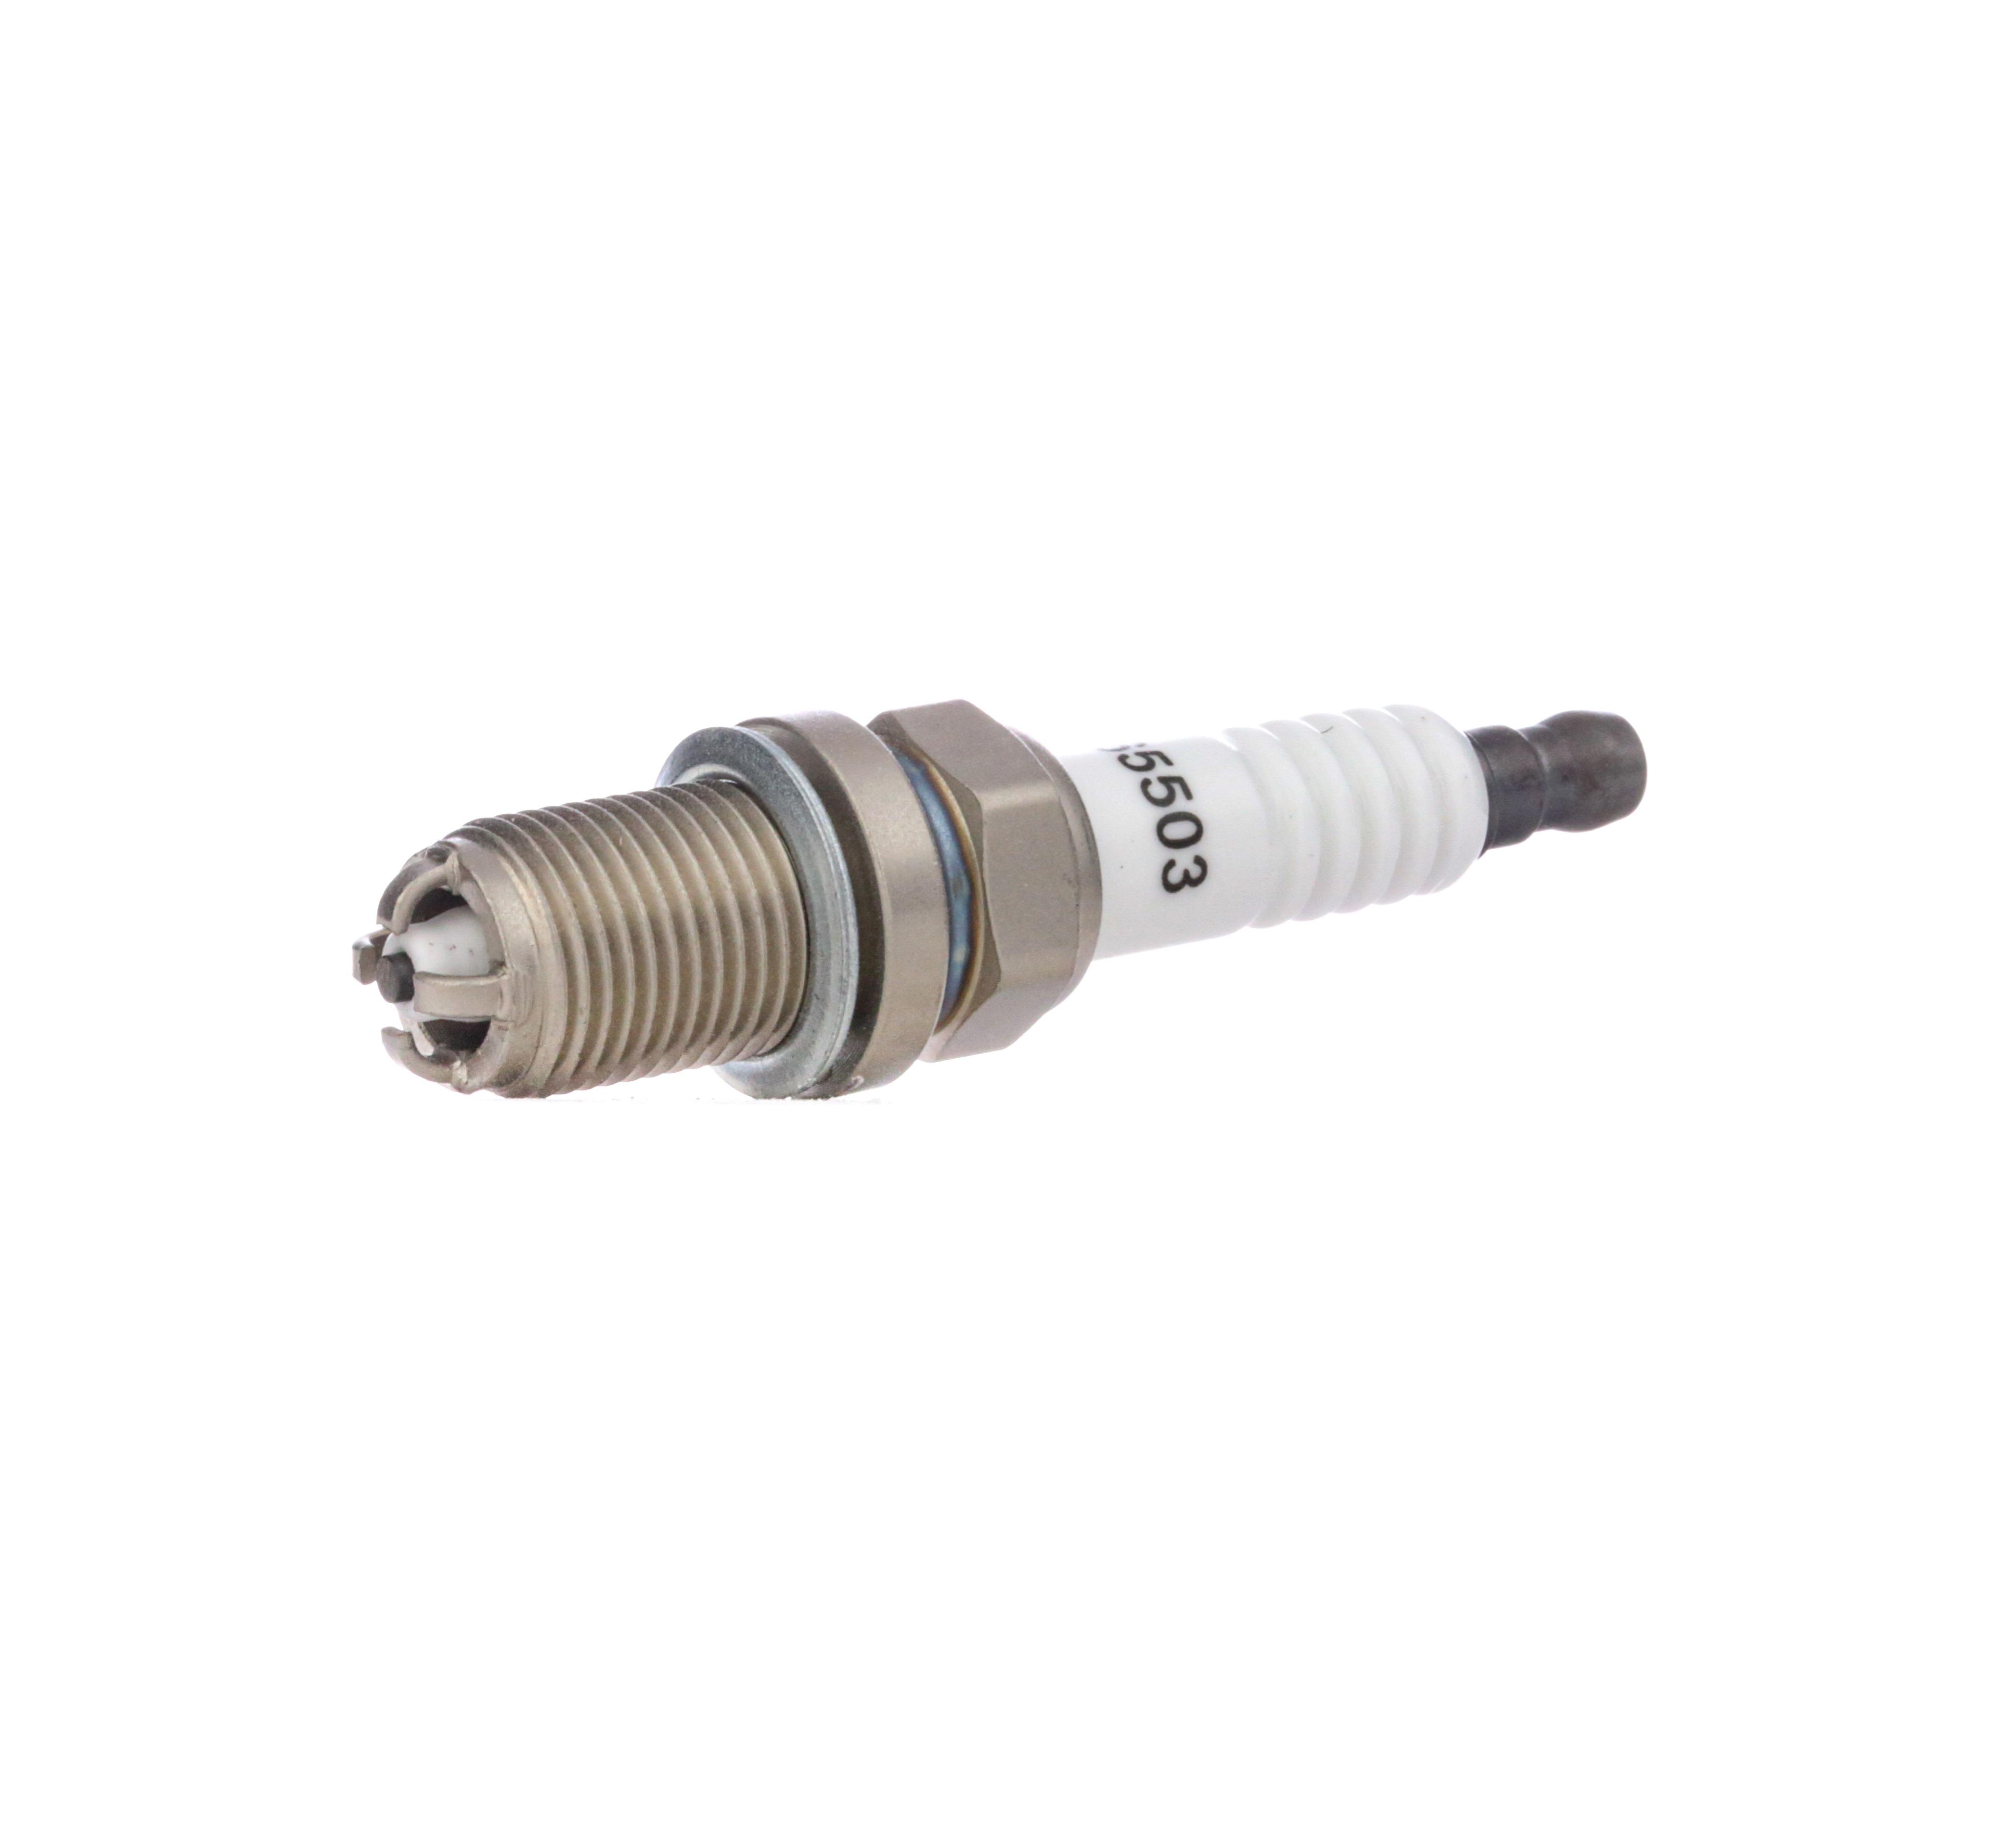 Spark Plug STARK SKSP-19990305 rating